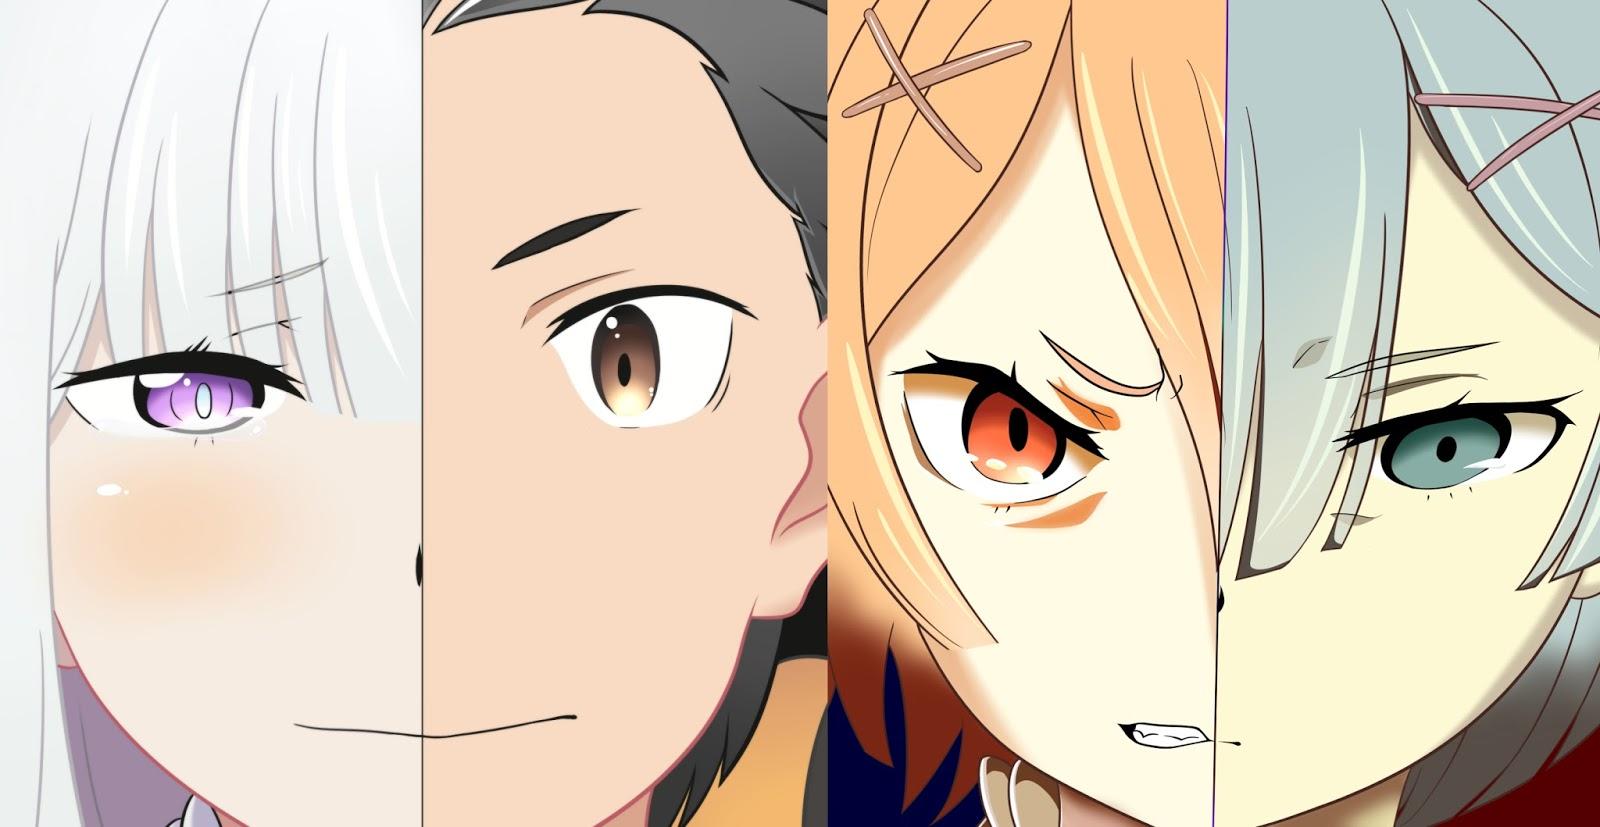 Re:Zero Kara Hajimeru Isekai Seikatsu Emilia and Rem